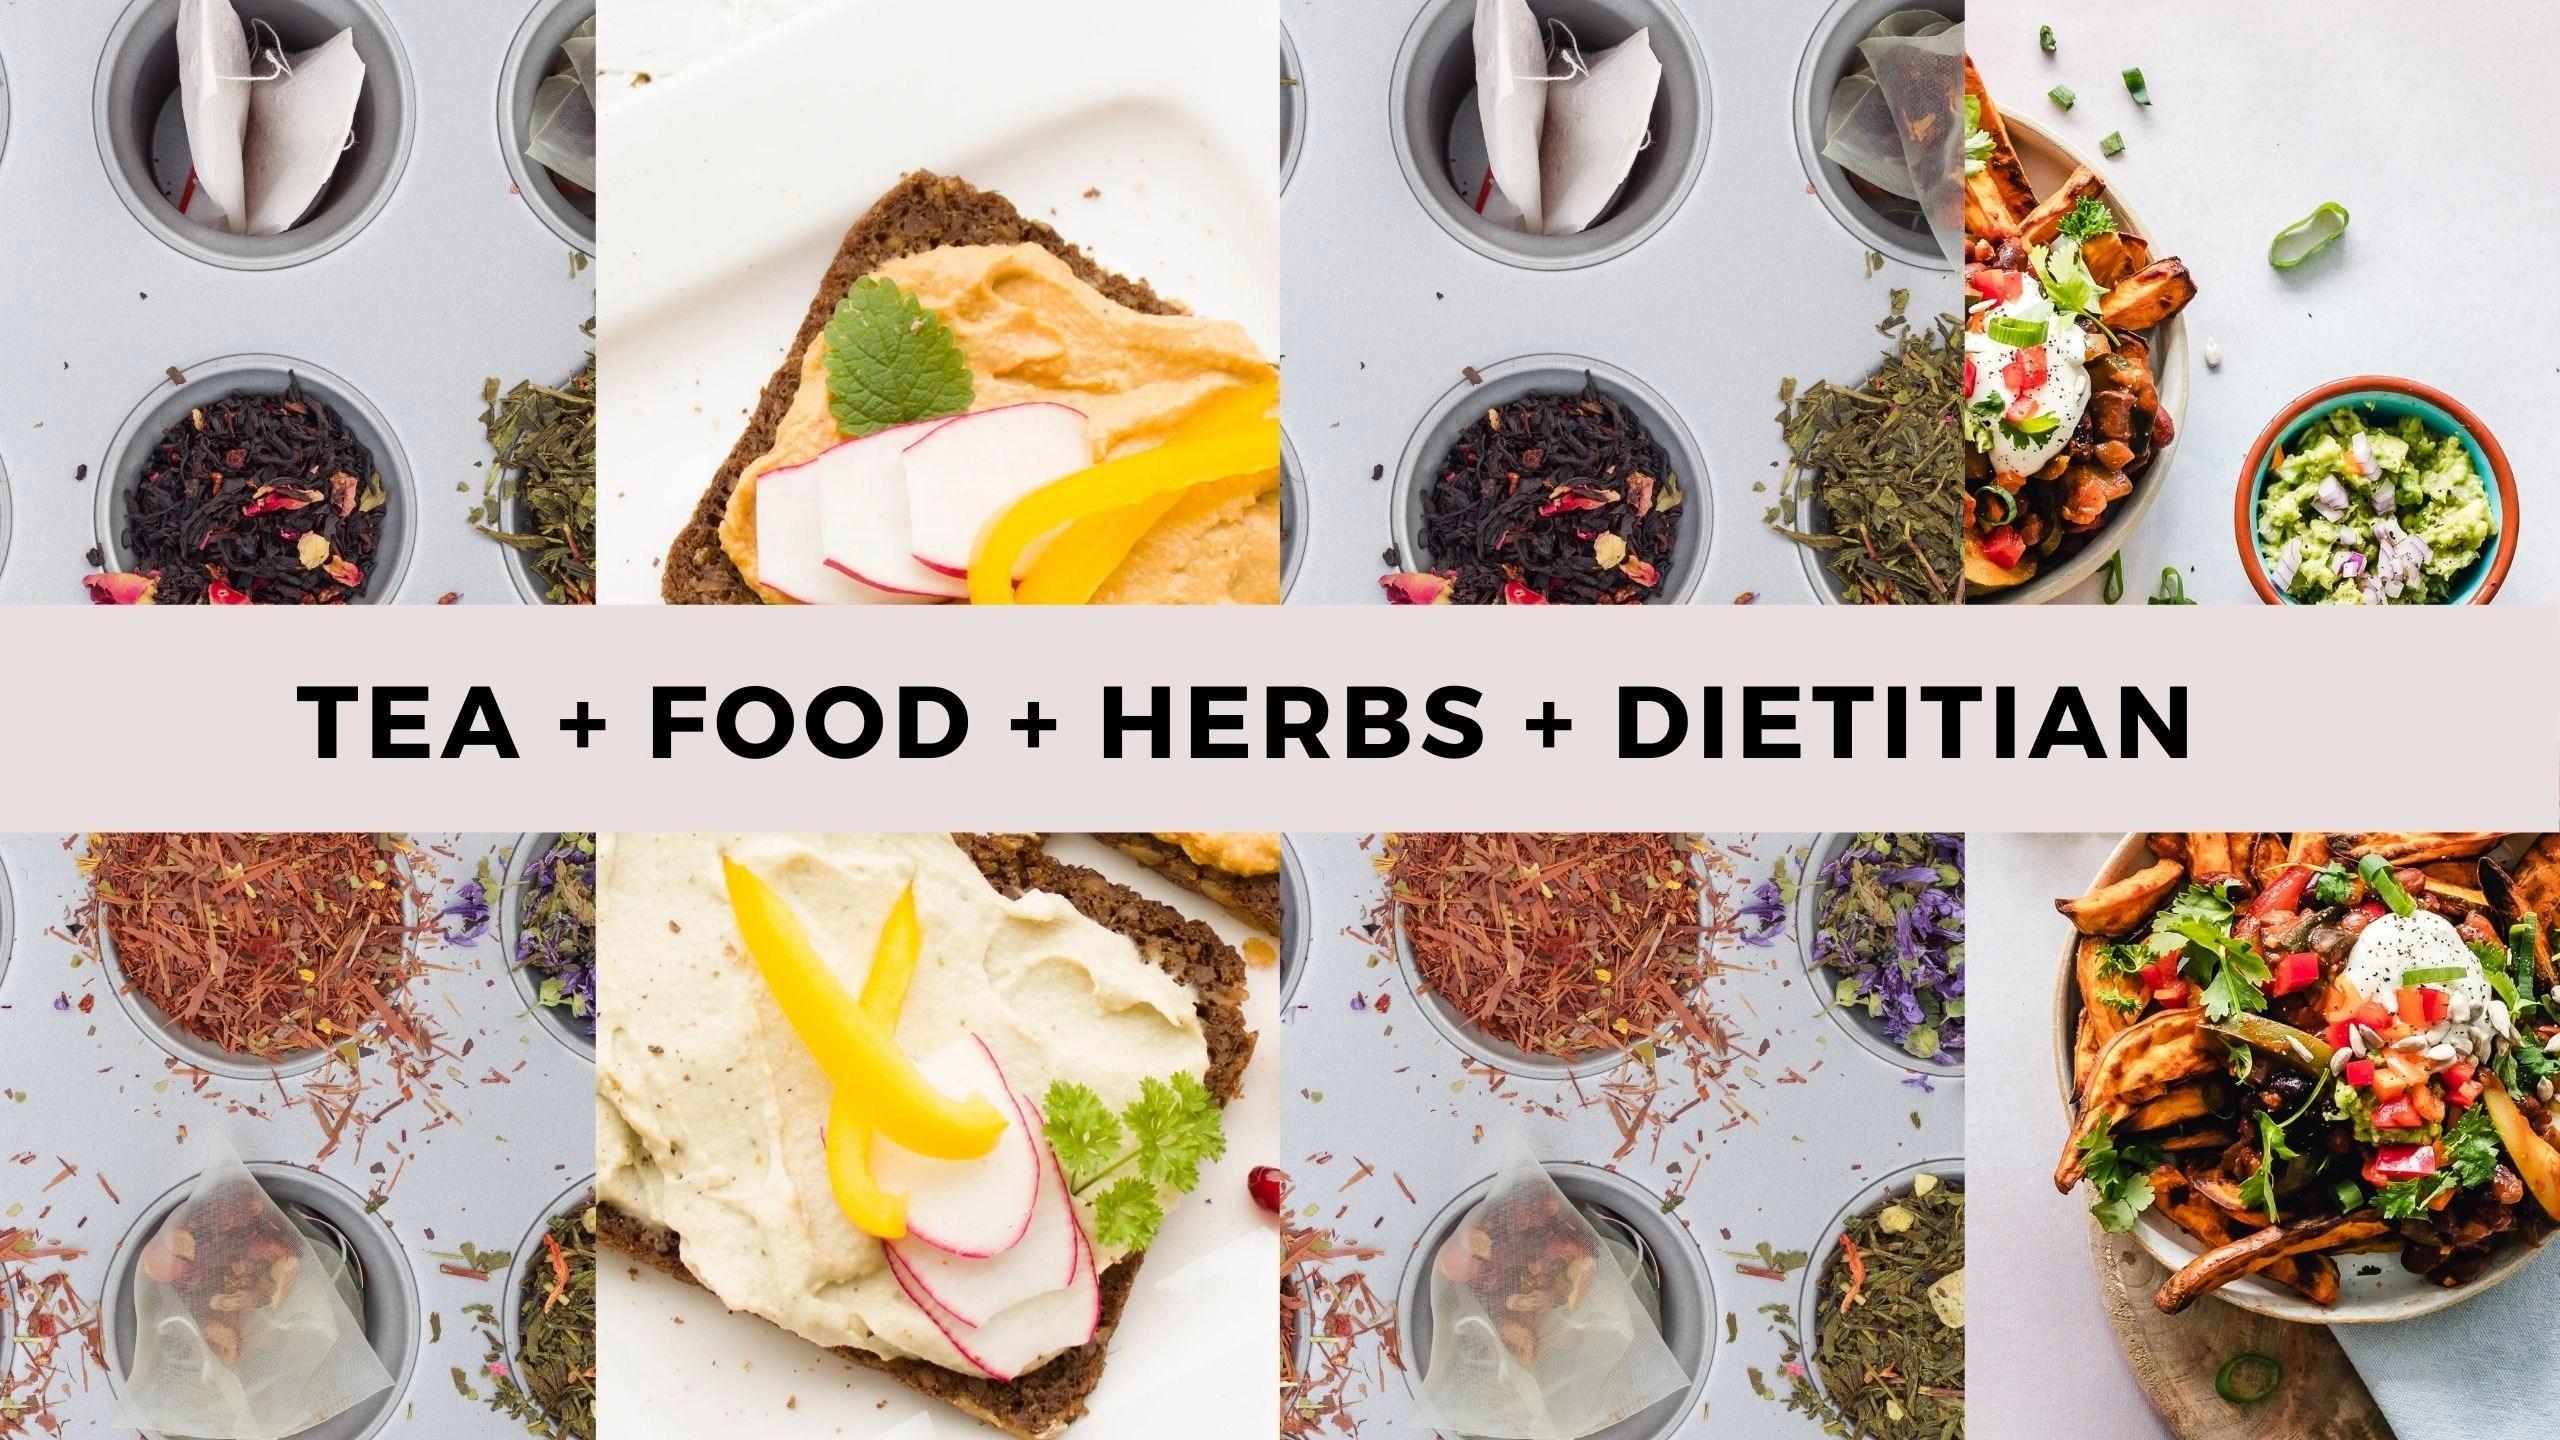 Tea + Herbs + Food + Dietitian